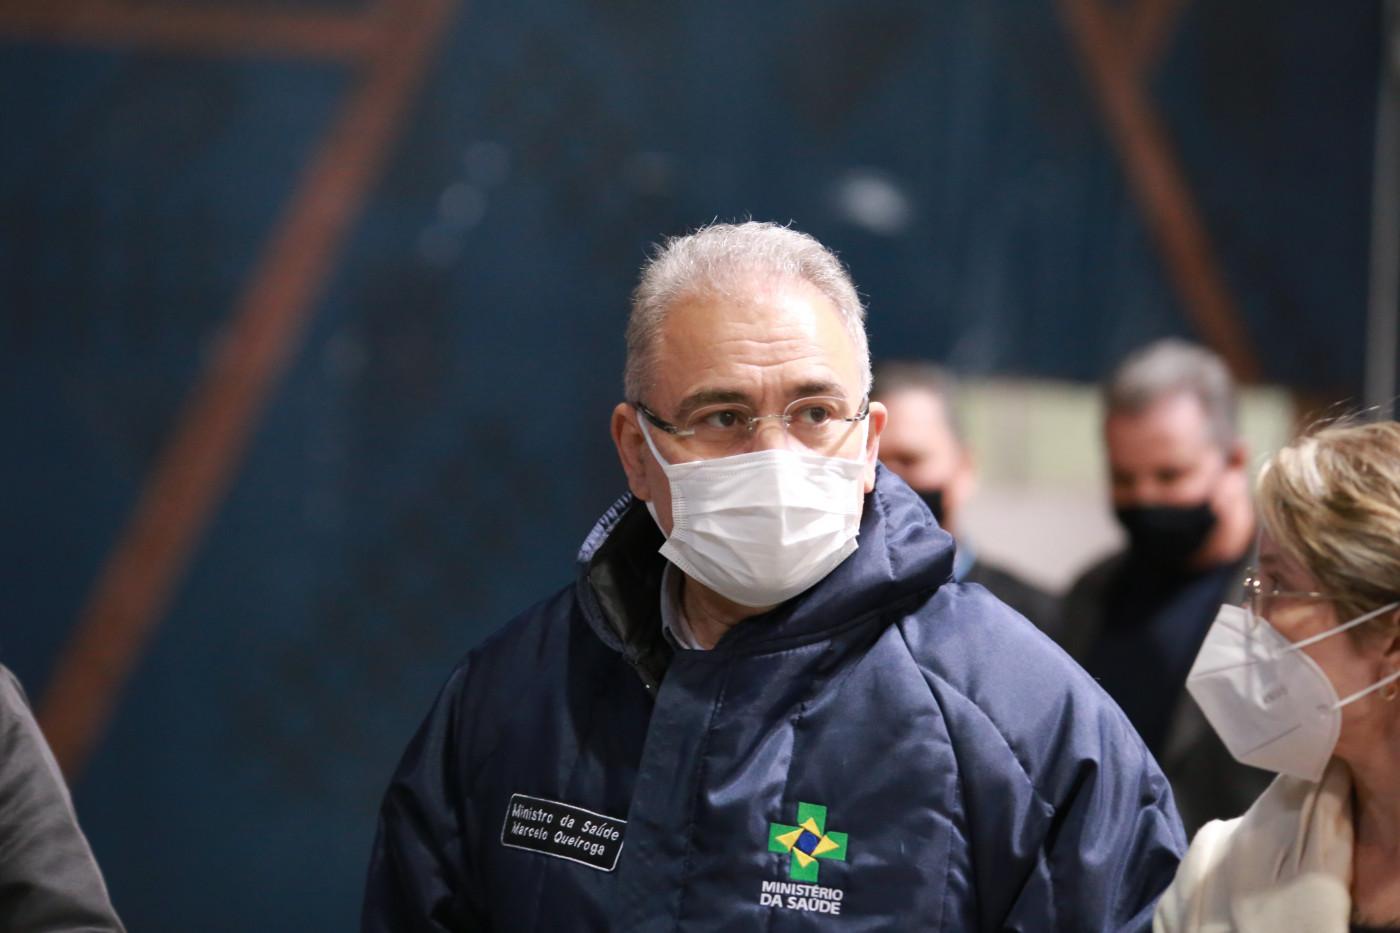 Ministro da Saúde, Marcelo Queiroga, visita às instalações da Central de Vacinação Contra a Covid-19